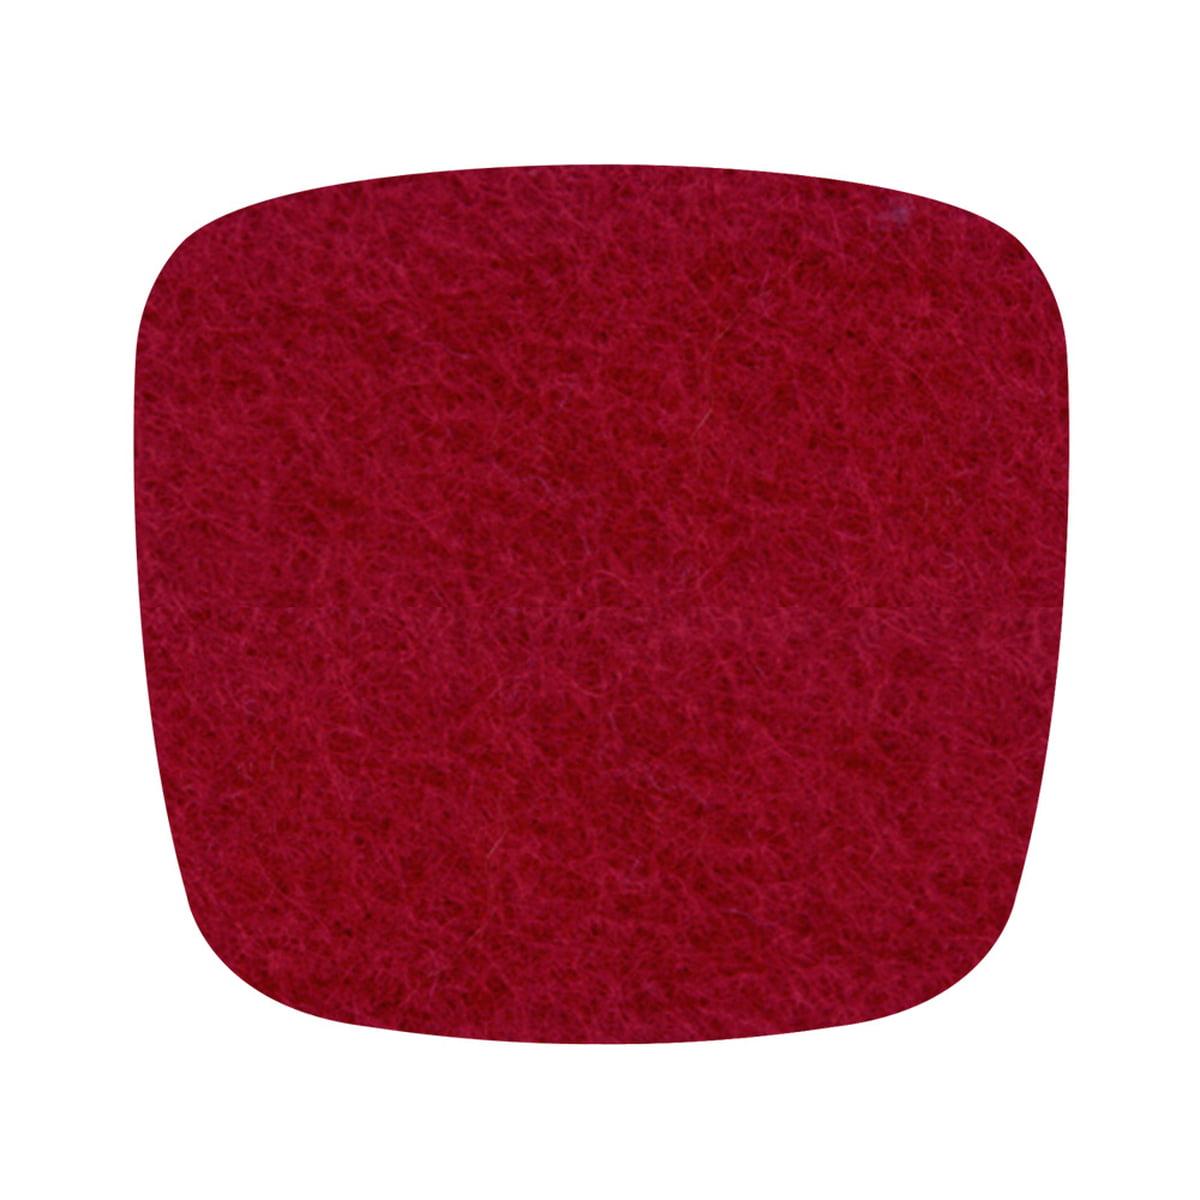 Hey Sign - Filz-Auflage Eames Plastic Armchair, rot 5 mm, ohne Antirutsch-Beschichtung   Heimtextilien > Decken und Kissen > Kissen   Rot   Filz   Hey Sign